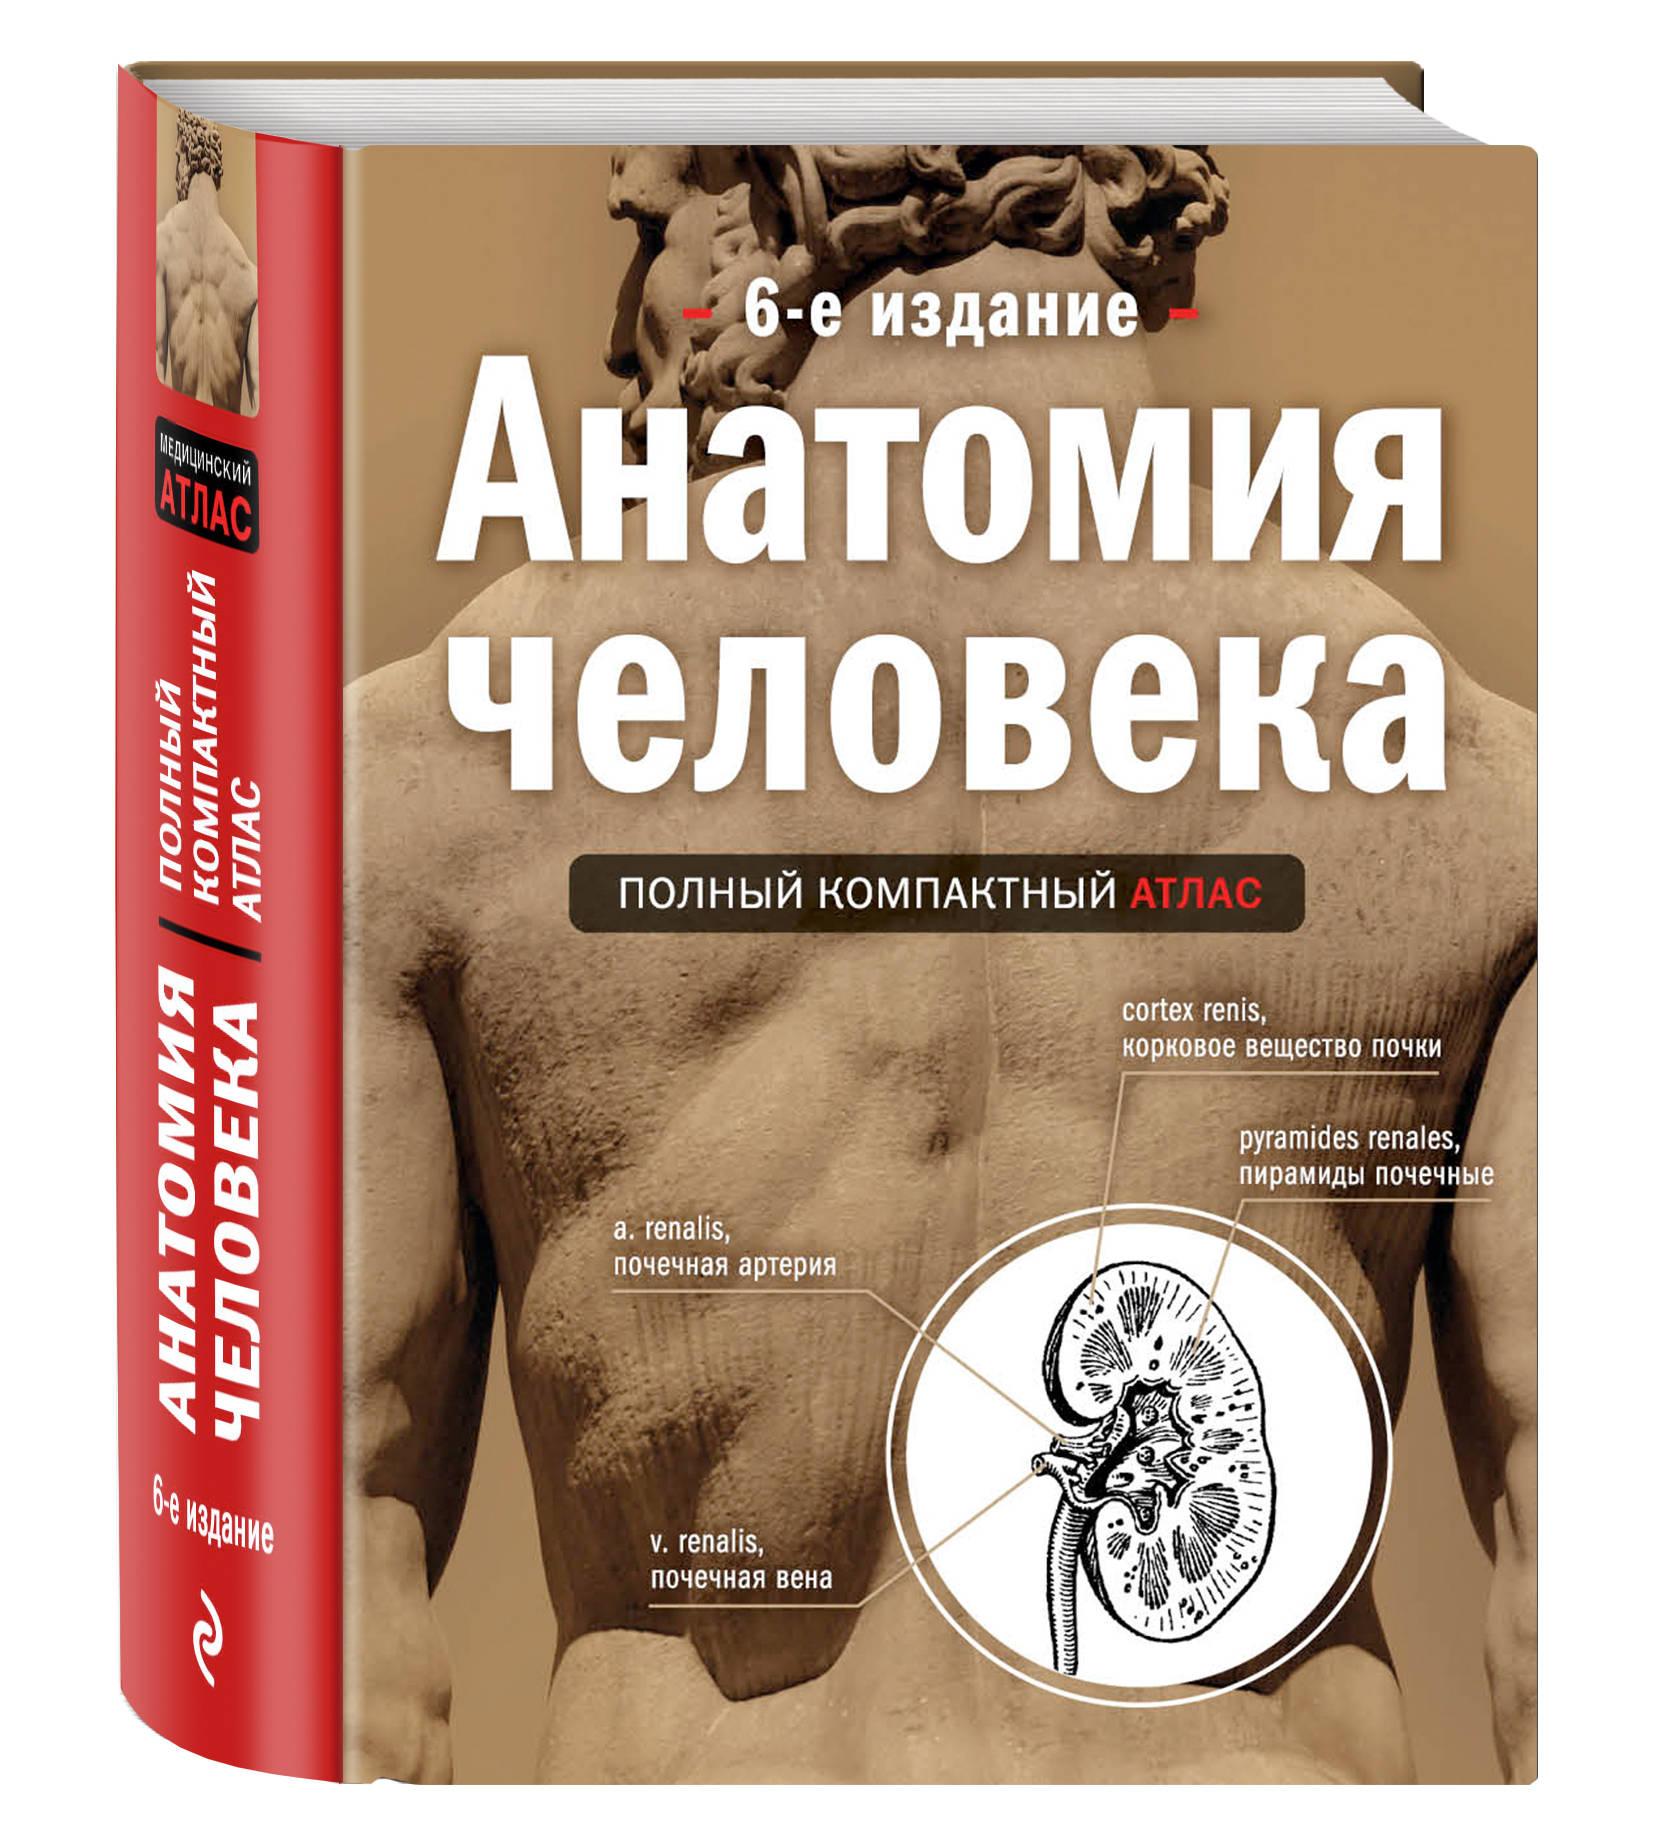 Анатомия человека: полный компактный атлас, 6-е издание